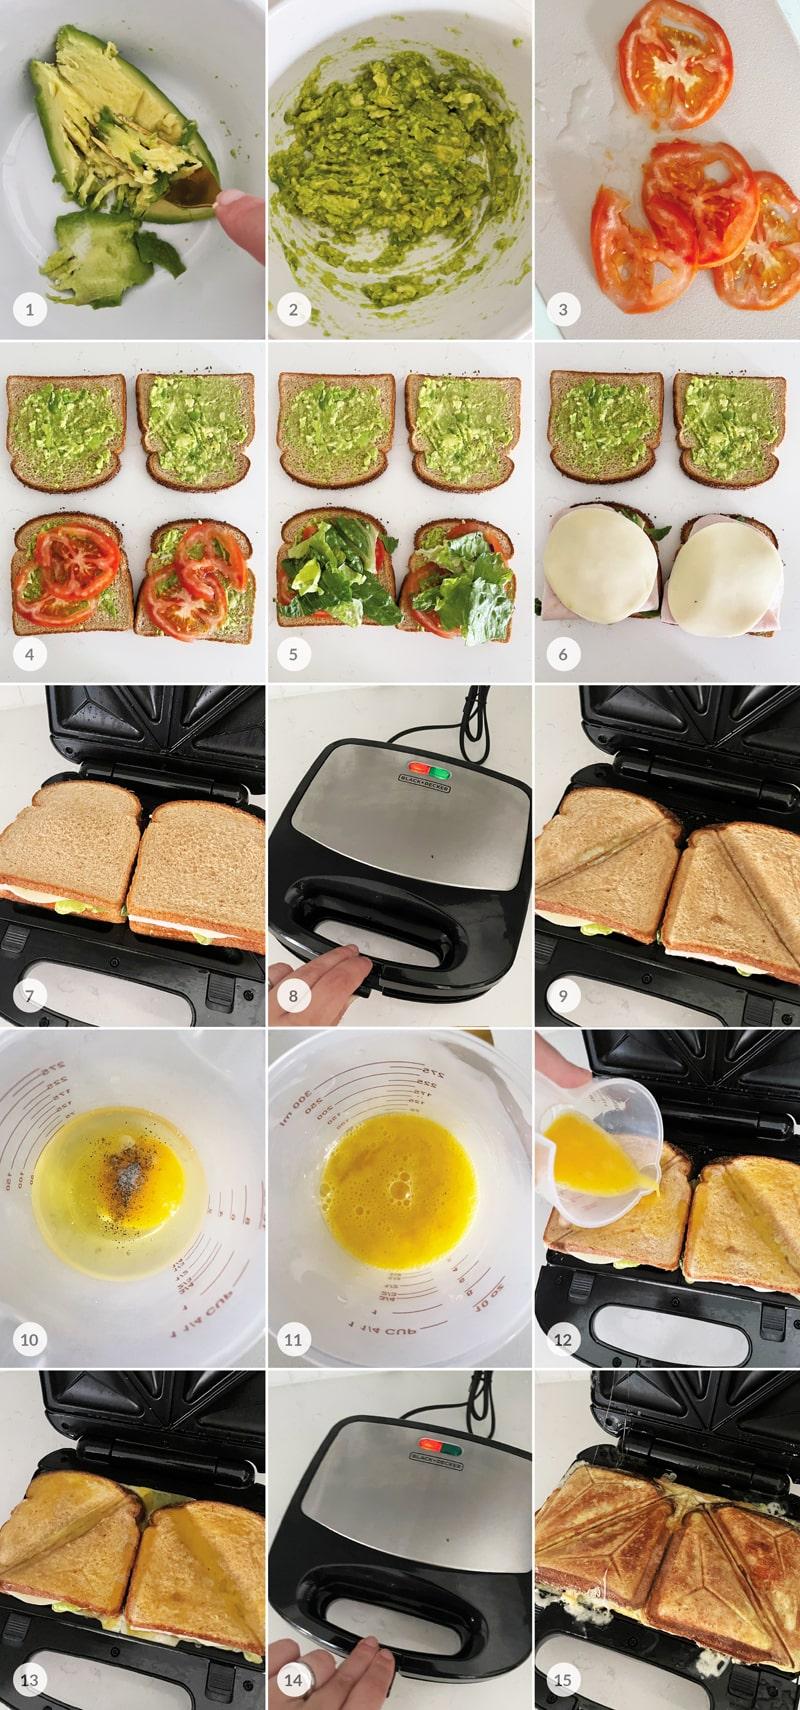 Fit toasty ve vejci foto postup